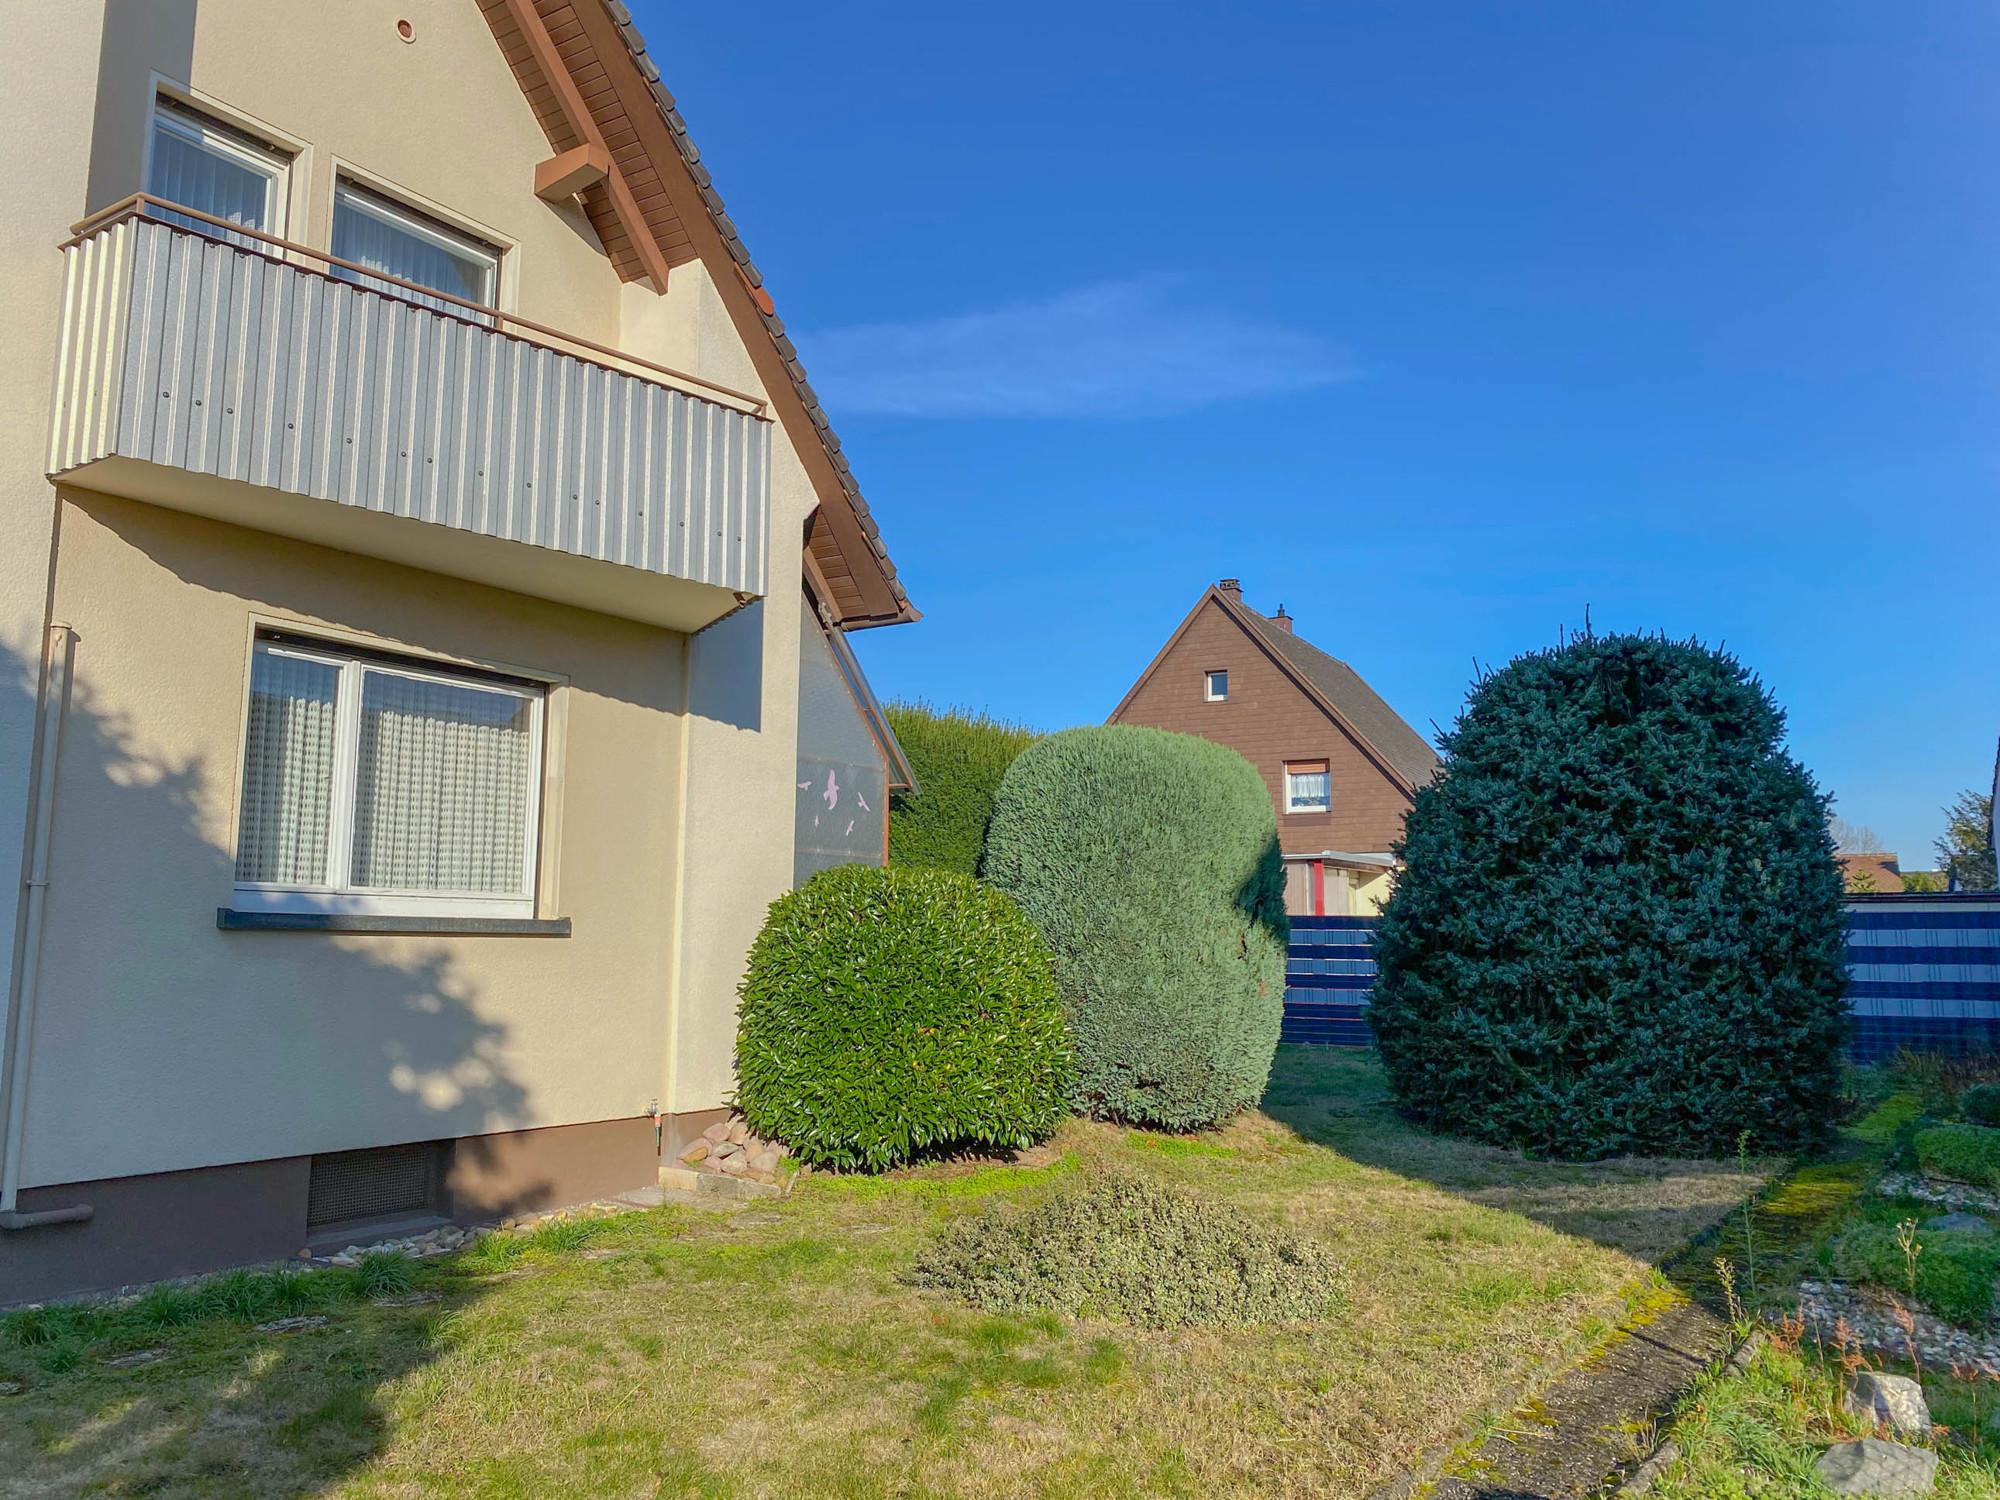 Freistehendes Einfamilienhaus mit Garage und großem Garten in guter Wohnlage in Bietigheim